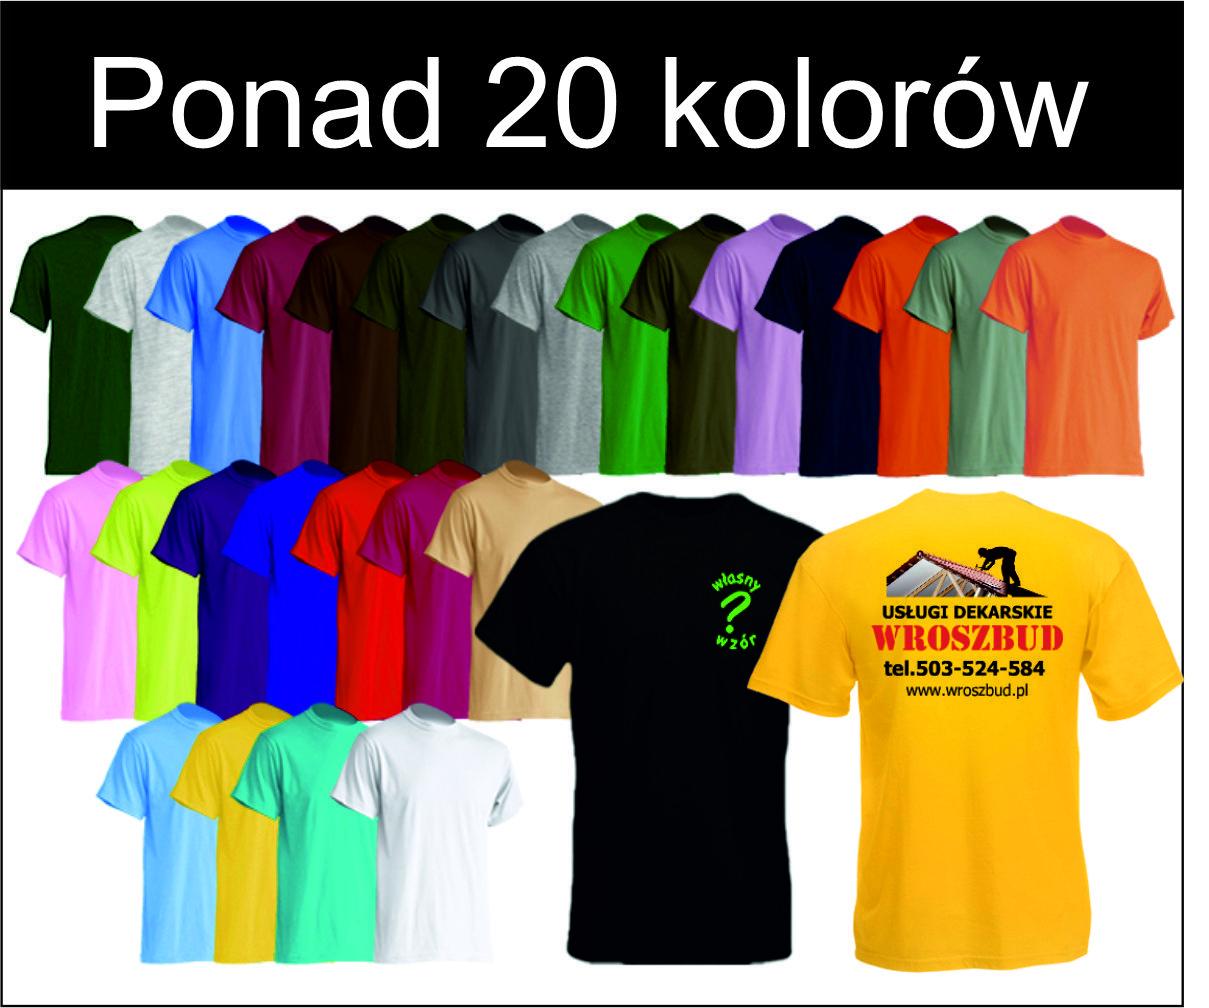 Koszulki kolory jpg